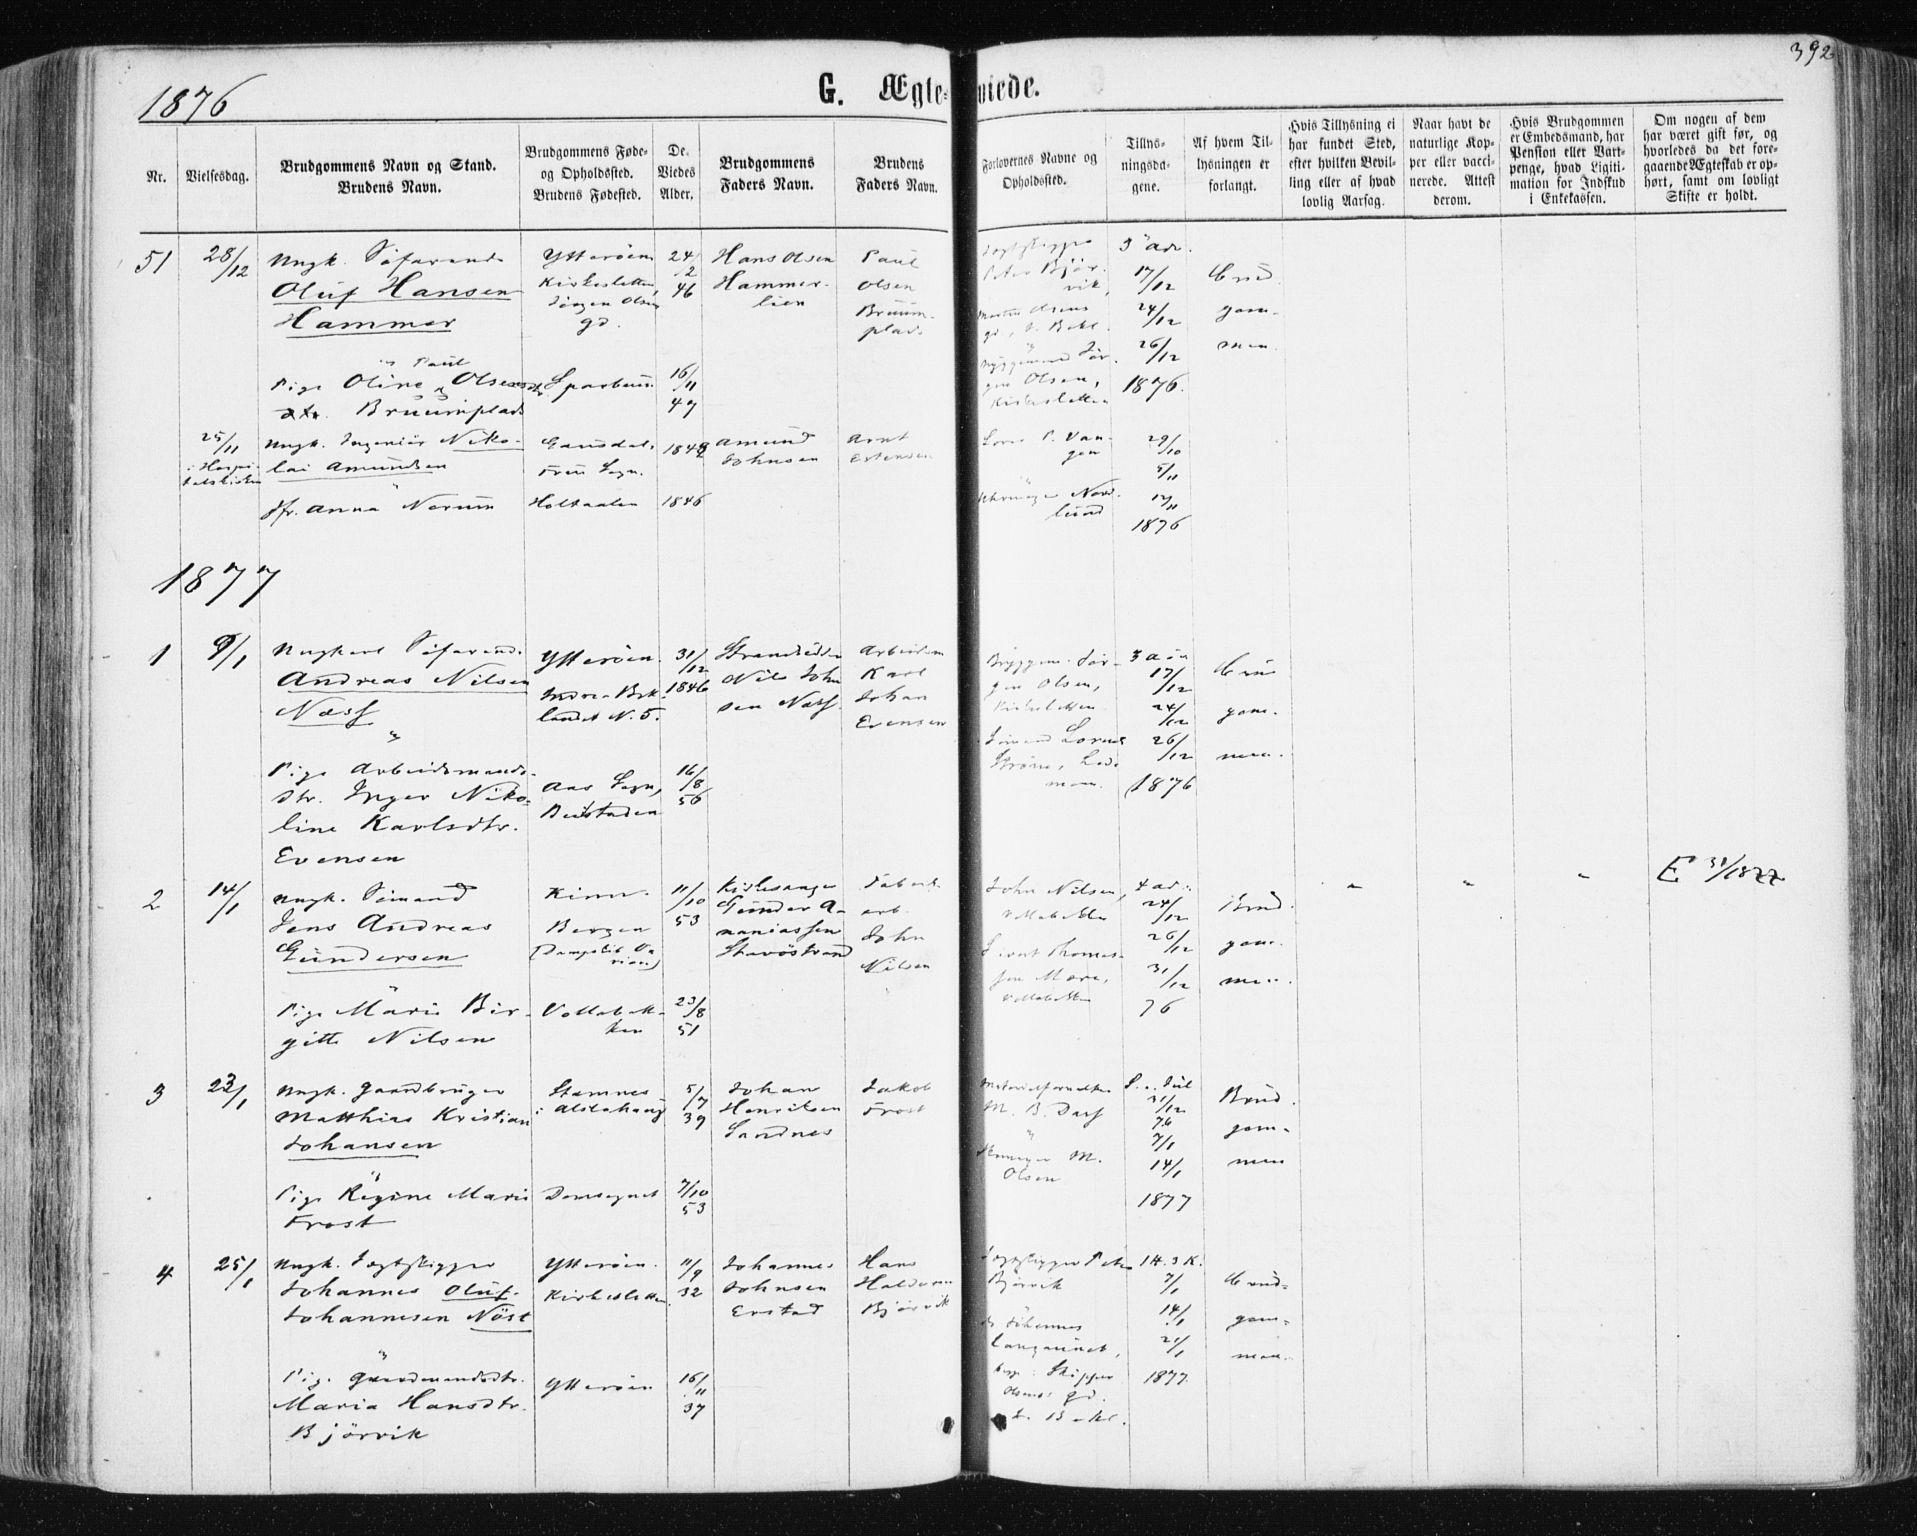 SAT, Ministerialprotokoller, klokkerbøker og fødselsregistre - Sør-Trøndelag, 604/L0186: Ministerialbok nr. 604A07, 1866-1877, s. 392